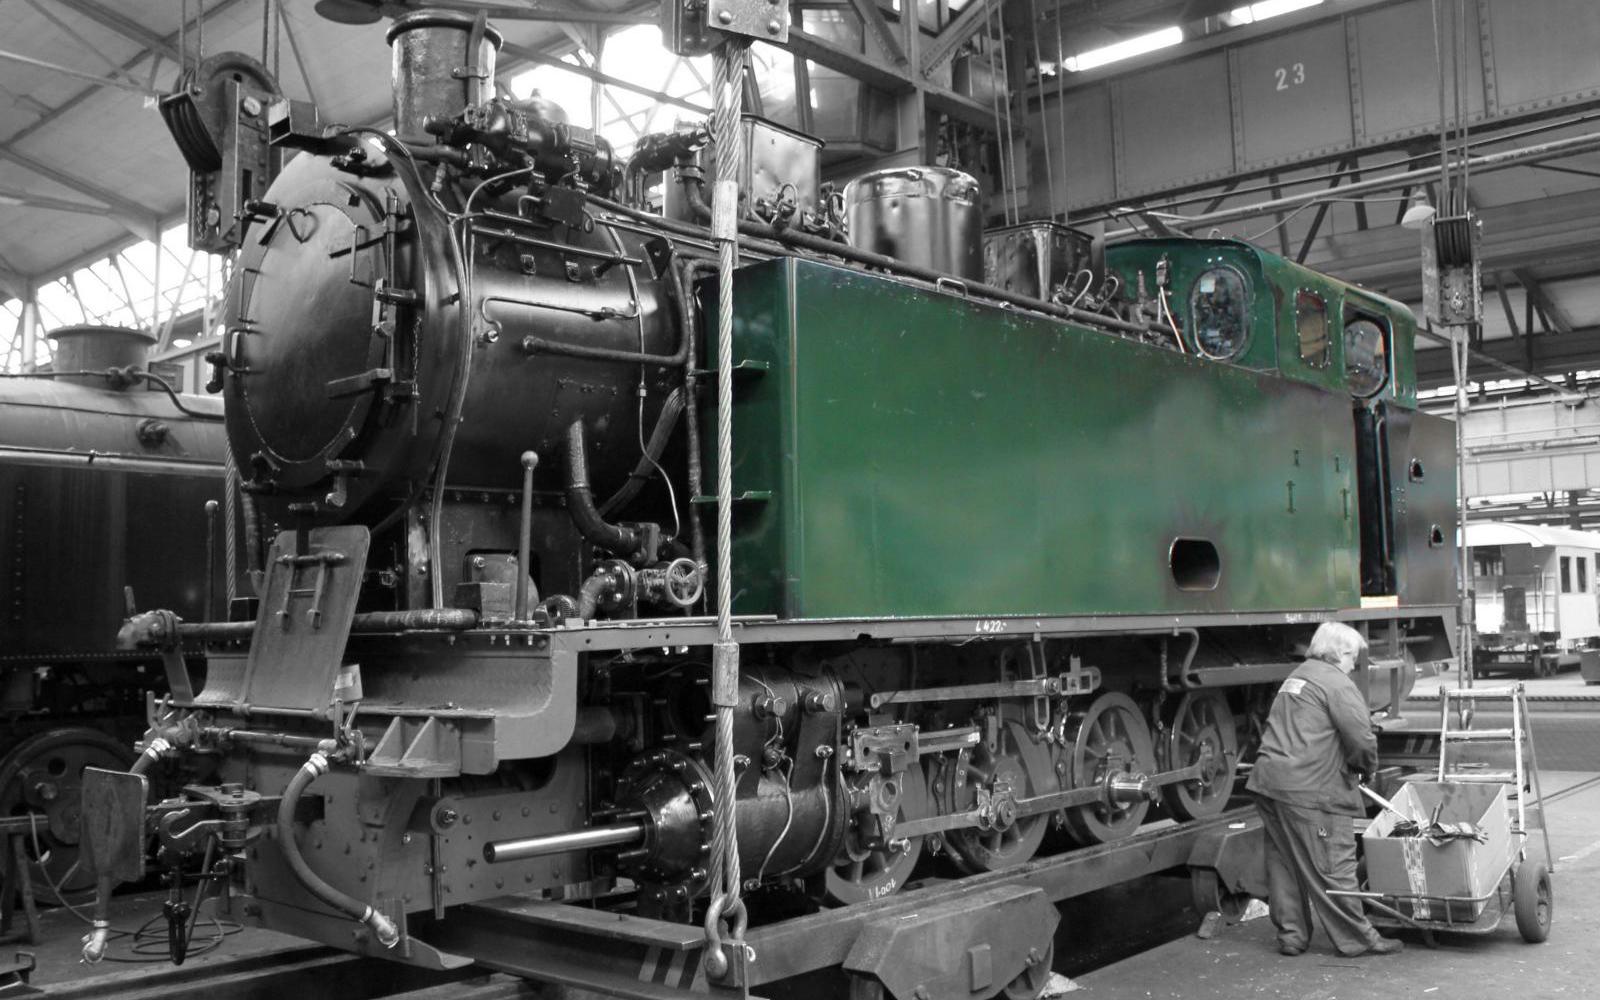 Foto: Christian Wodzinski - letzte Handgriffe an einer fast fertig aufgearbeiteten Schmalspur-Lokomotive